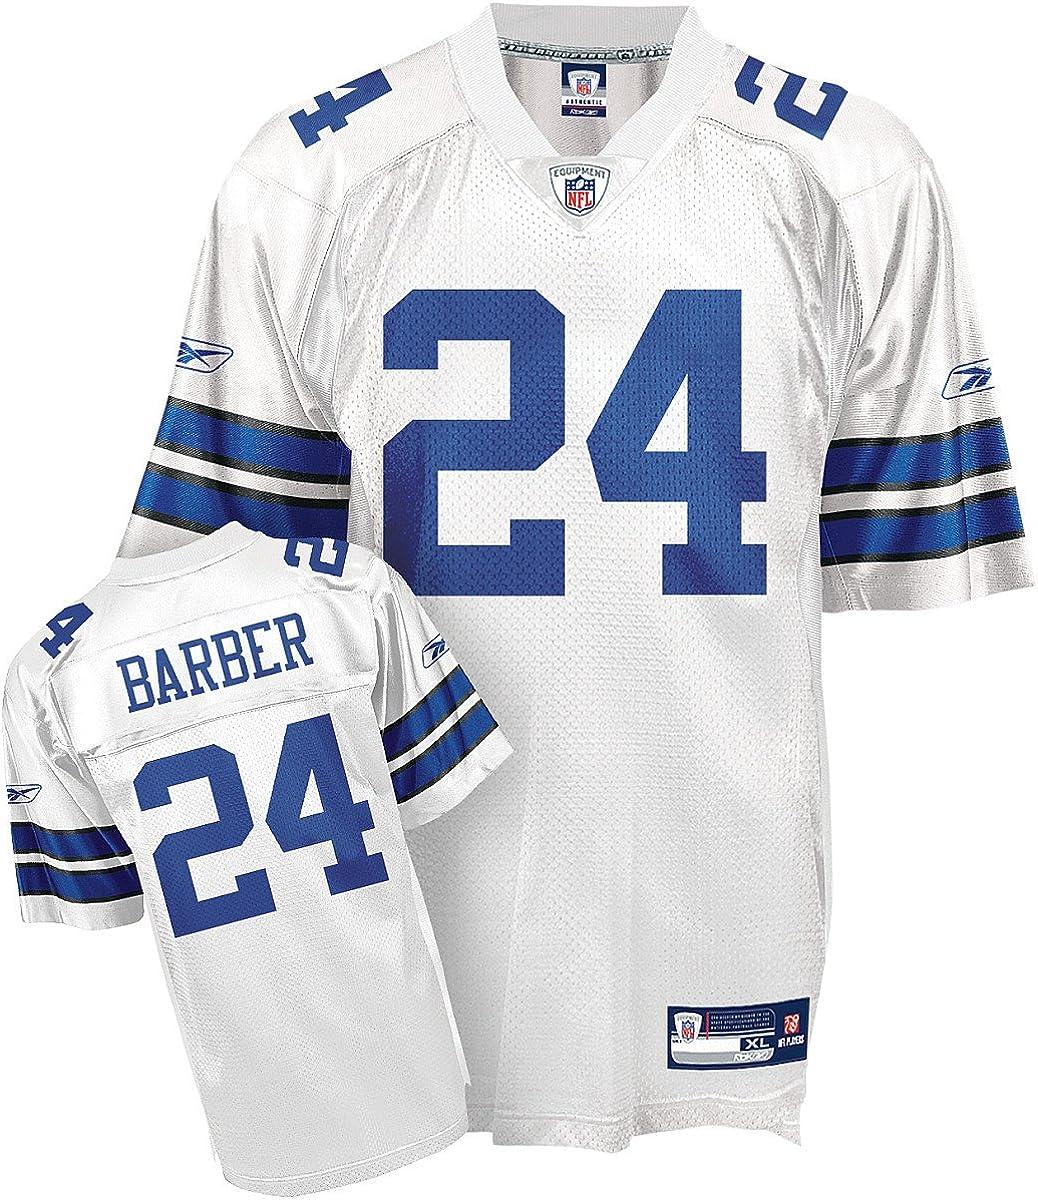 Amazon.com : Marion Barber #24 Dallas Cowboys White Adult Replica ...